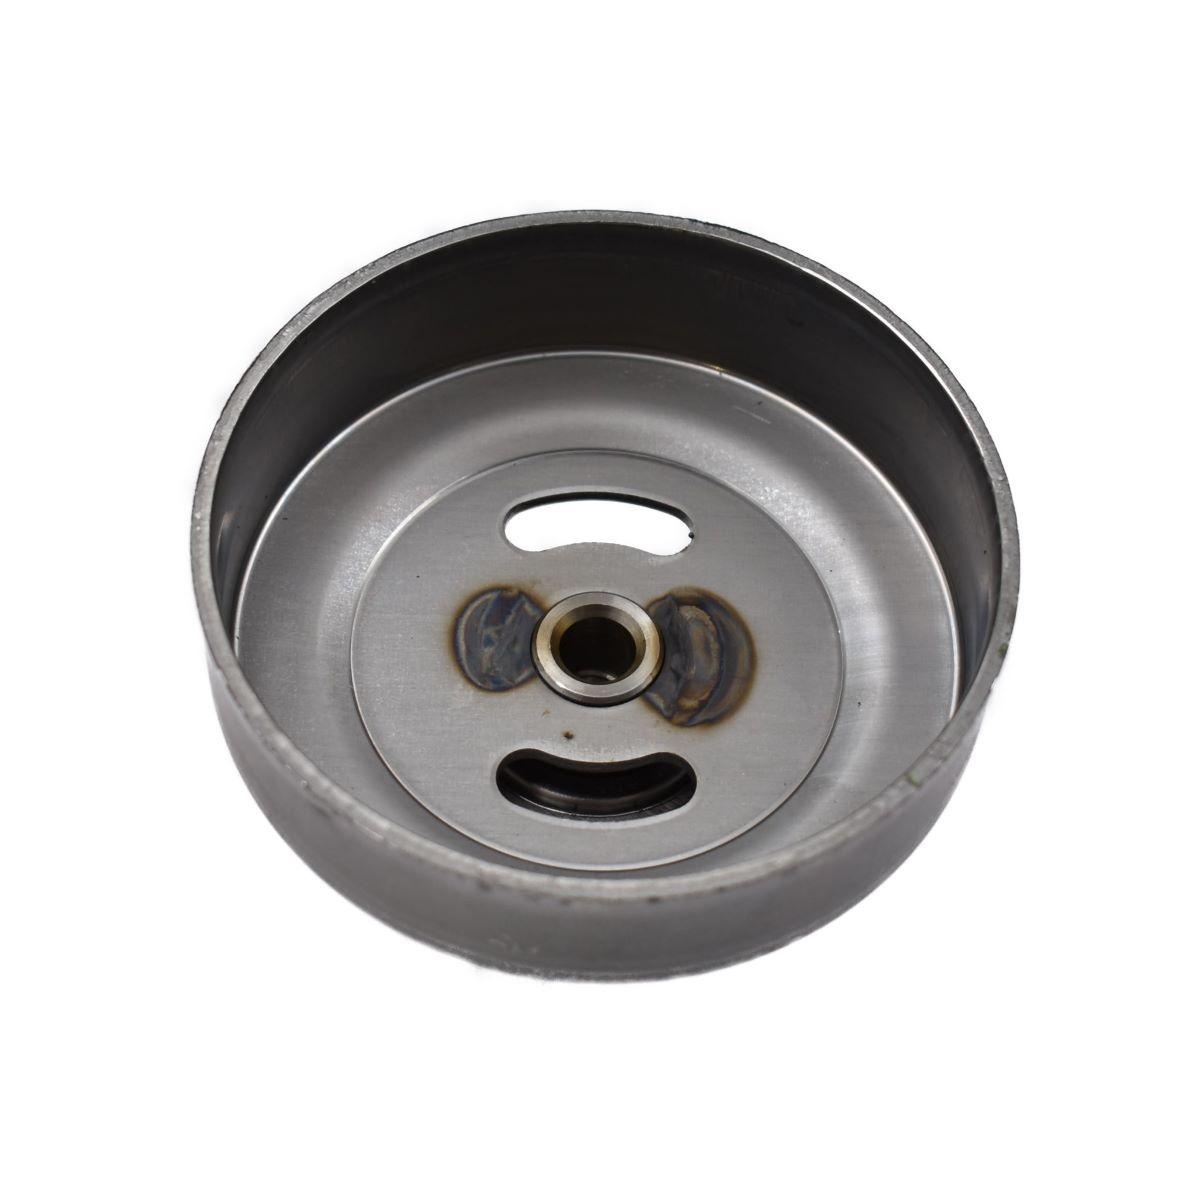 KOPPELING VOOR ISEKI IBX351, IBX401 Origineel onderdeel nummer: 7066-710-341-10 706671034110 Betreft origineel Iseki onderdeel! Afmetingen: Diameter: 88mm Diameter lager: 40mm